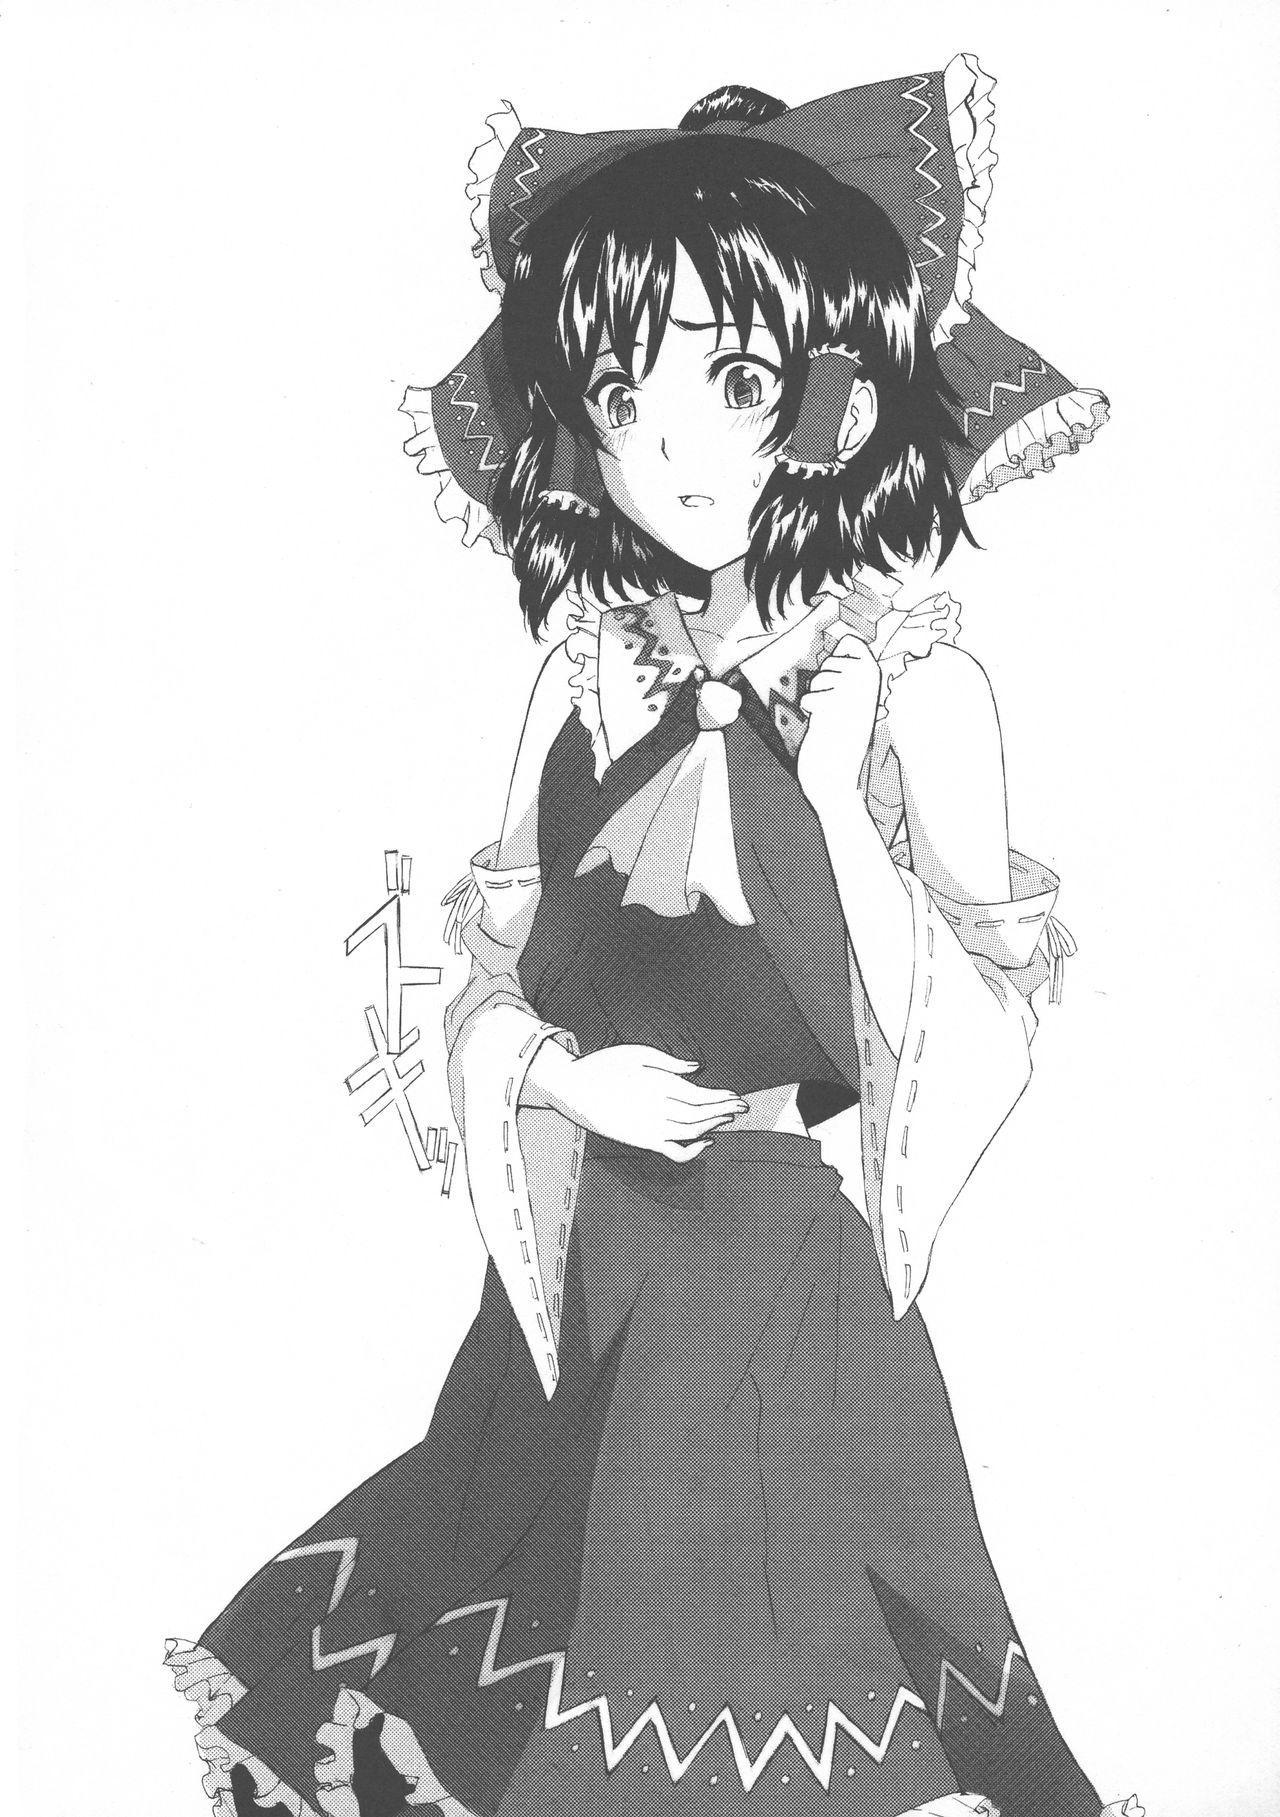 (Reitaisai 15) [HORIC WORKS (Various)] Touhou Bouchou-kei Sougou Goudou-shi `Boujo 2!!!!!!!!' (Touhou Project) 60